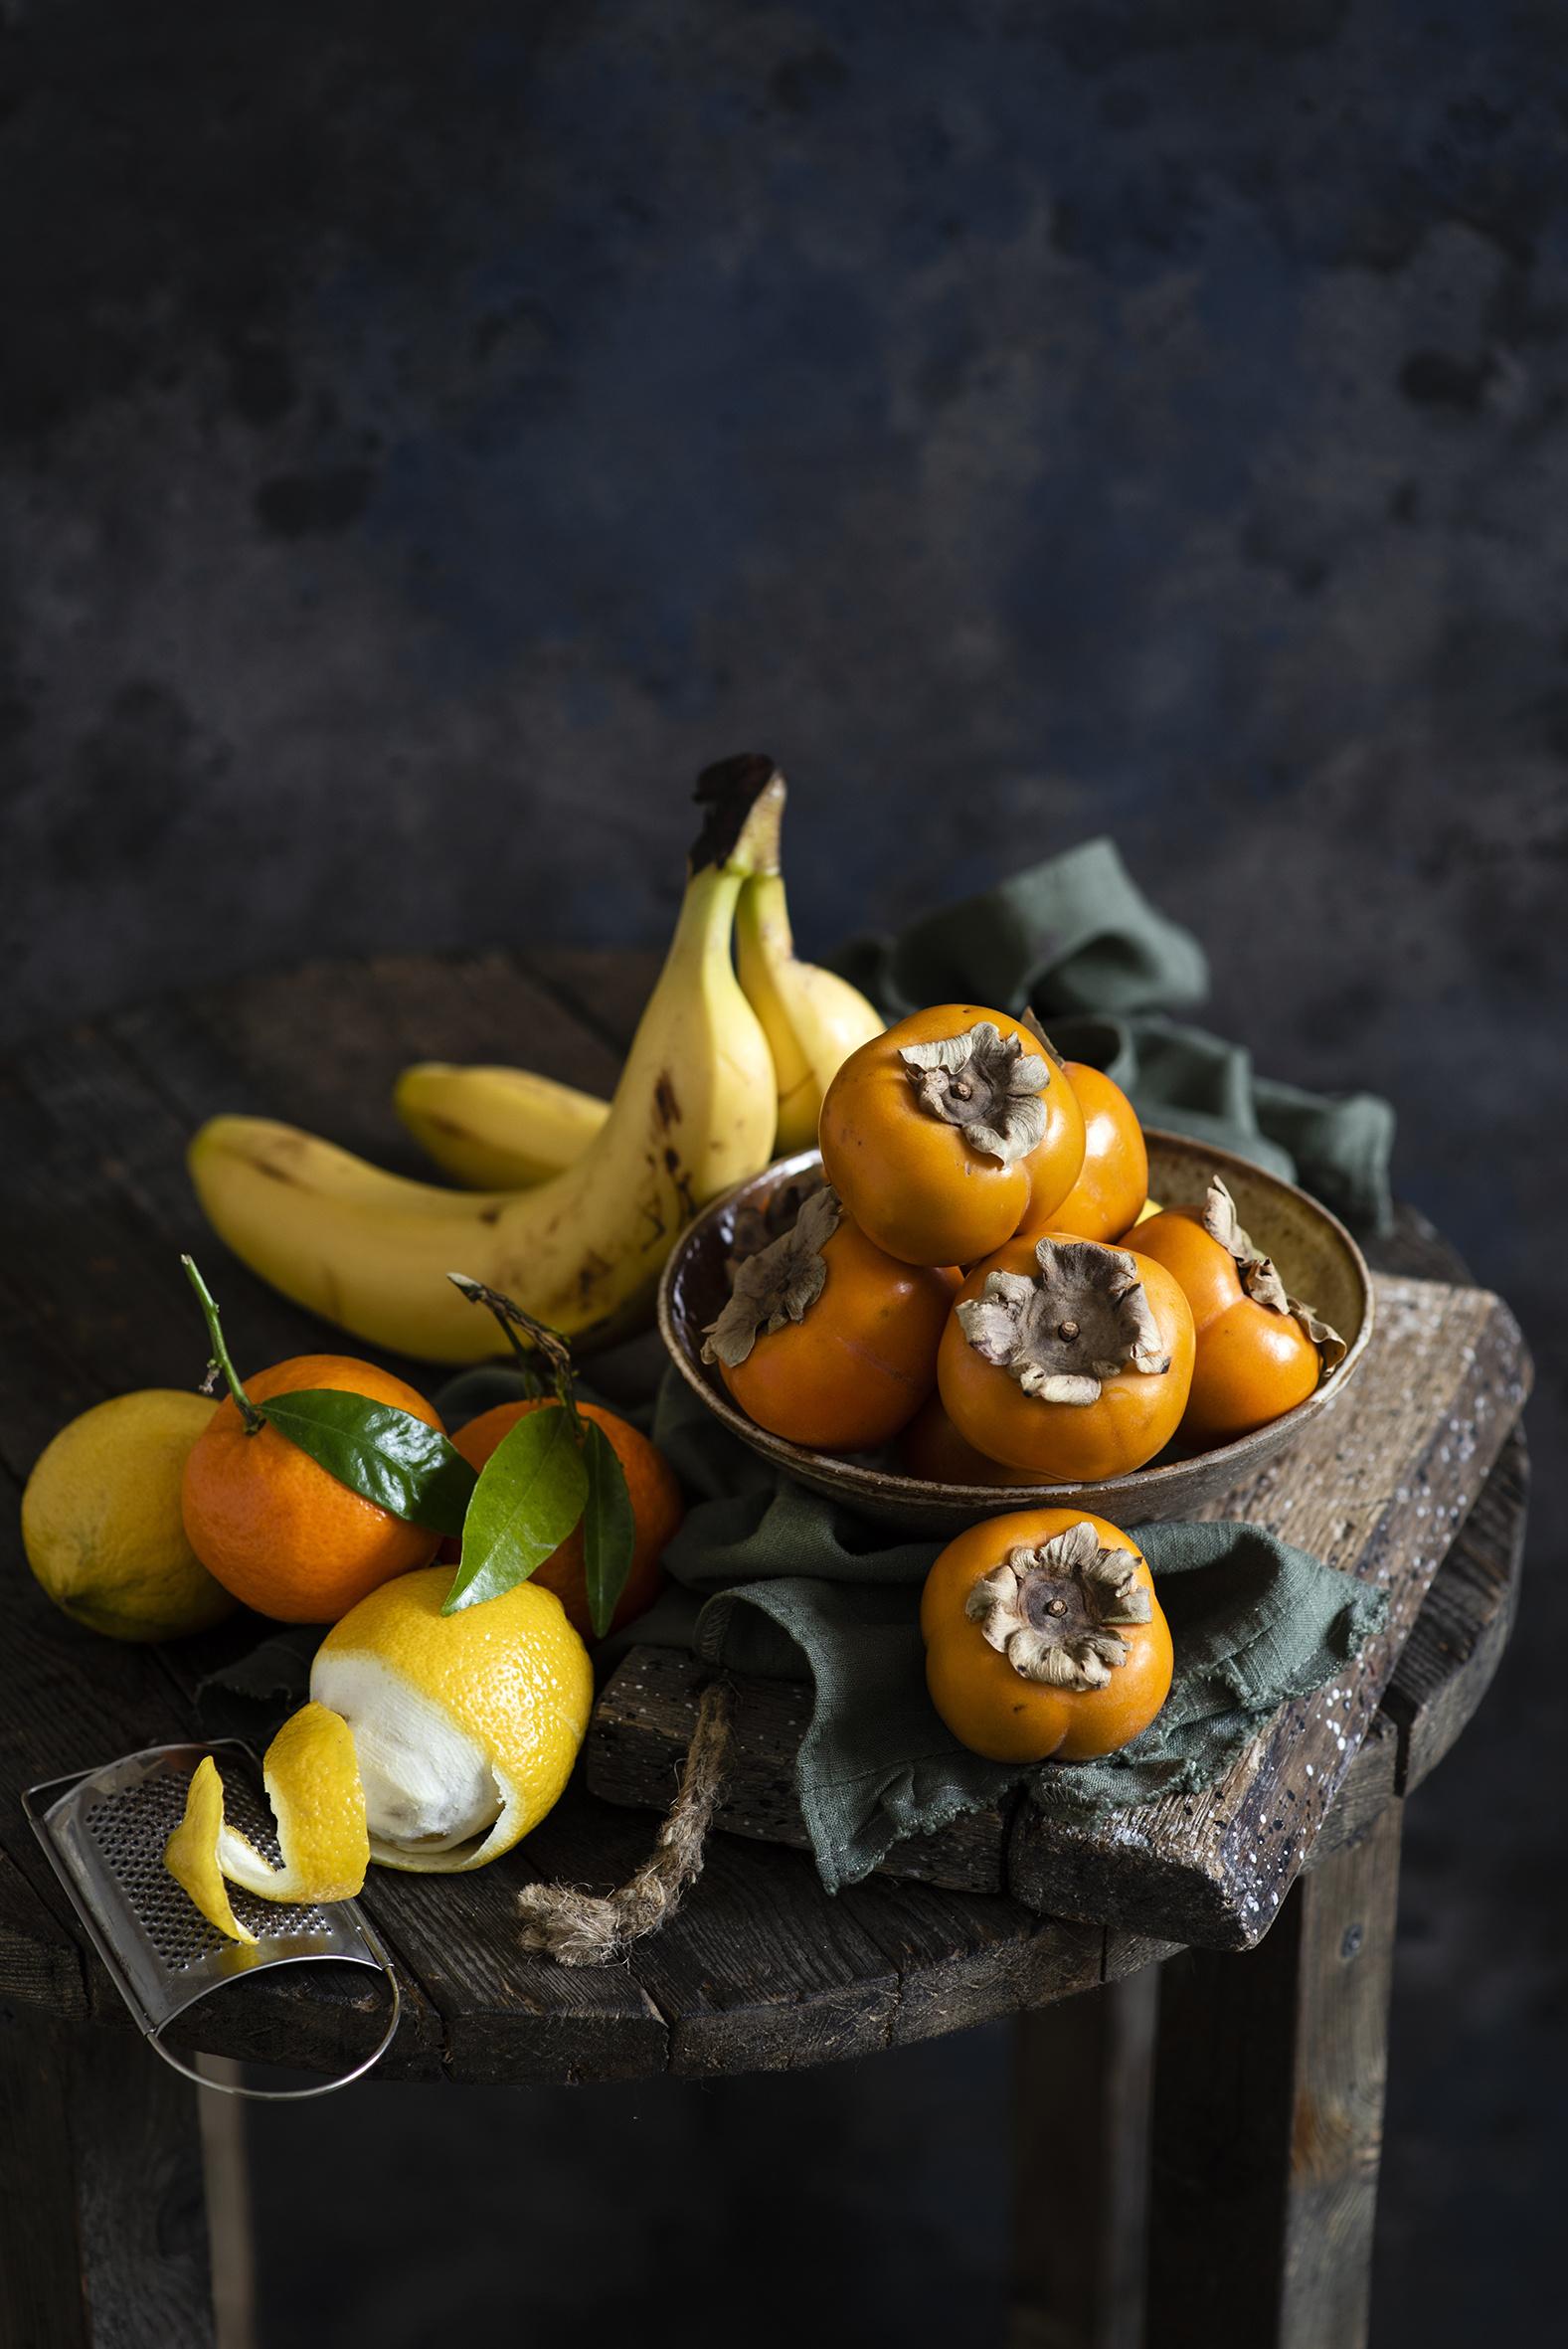 Обои для рабочего стола Хурма Апельсин Бананы Лимоны Еда Фрукты Натюрморт  для мобильного телефона Пища Продукты питания